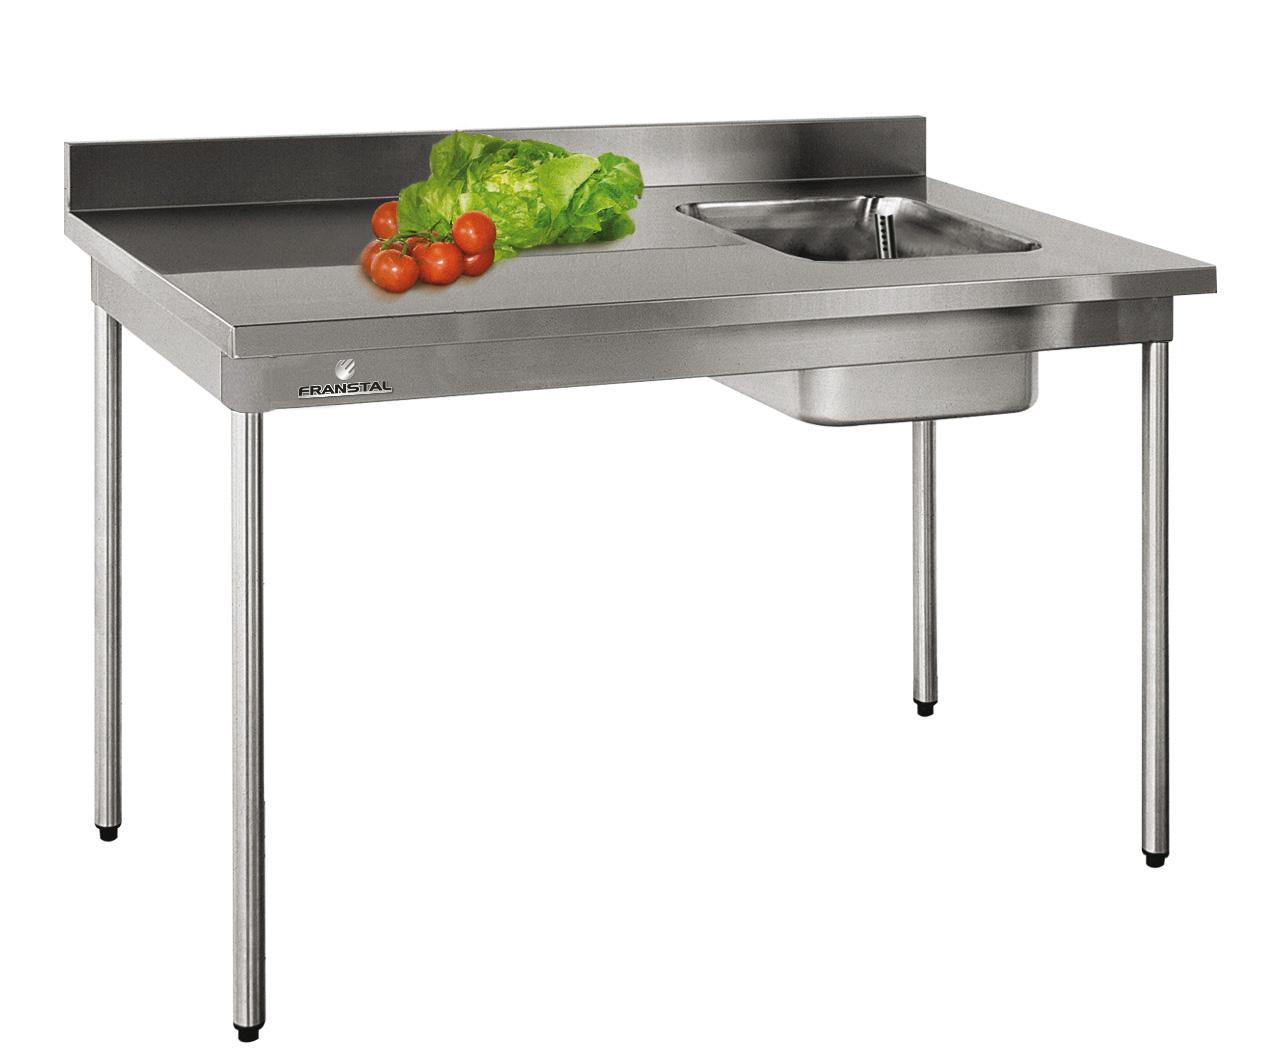 Table du chef a bords droits 1600x7001 cuve a droi for Table cuisine pro